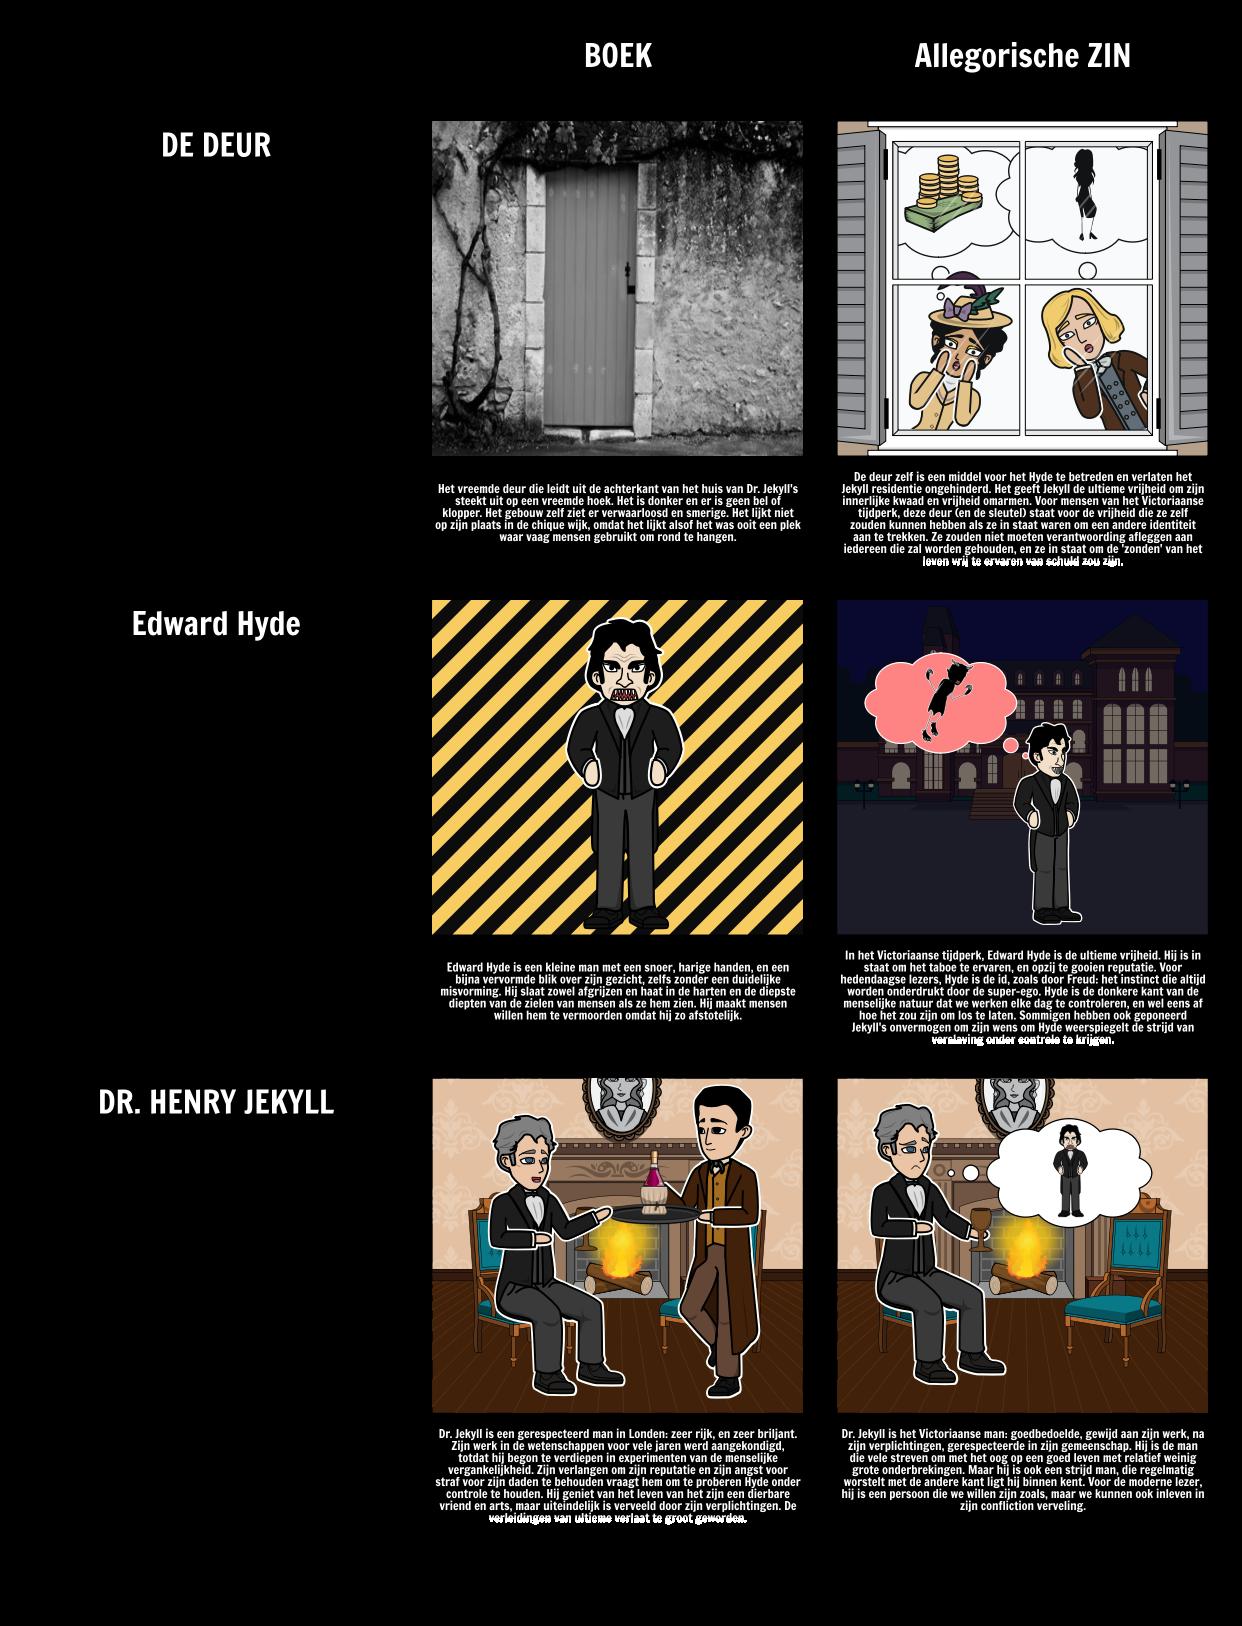 Allegorie in Dr. Jekyll en Mr. Hyde